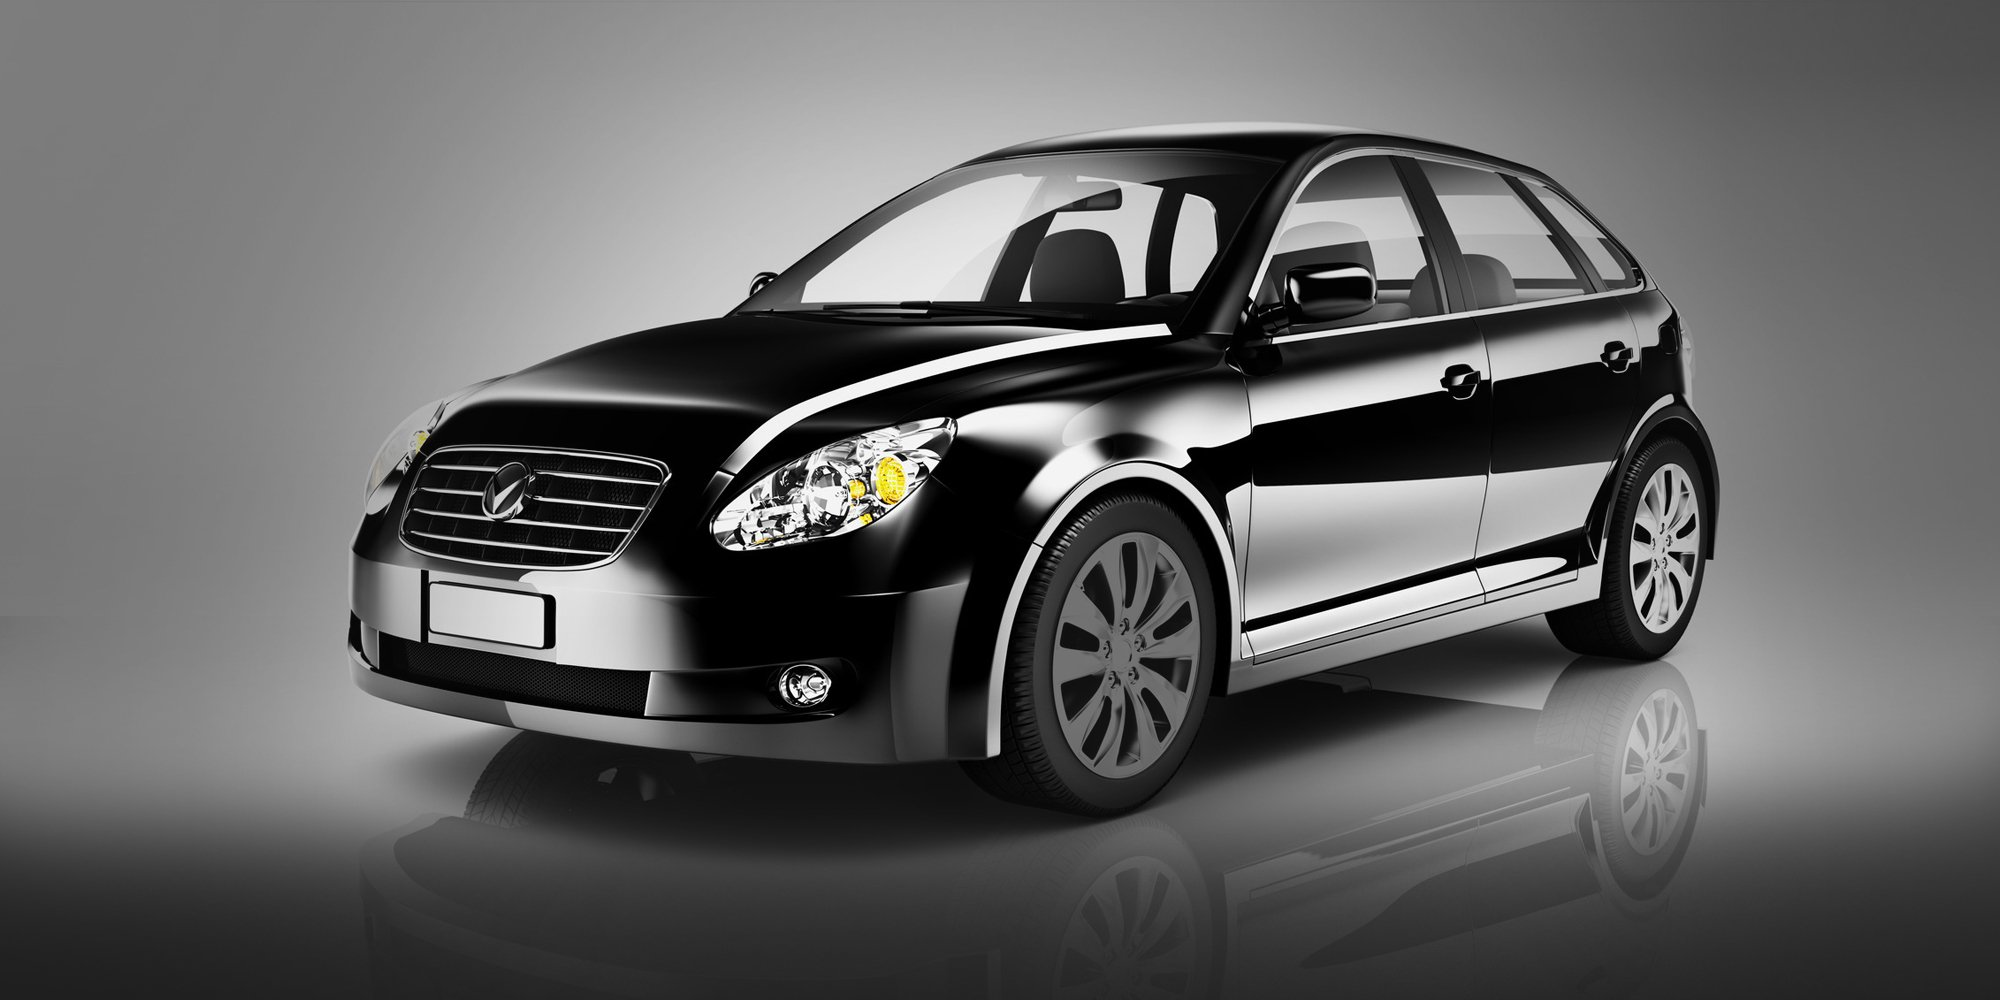 A black Mercedes